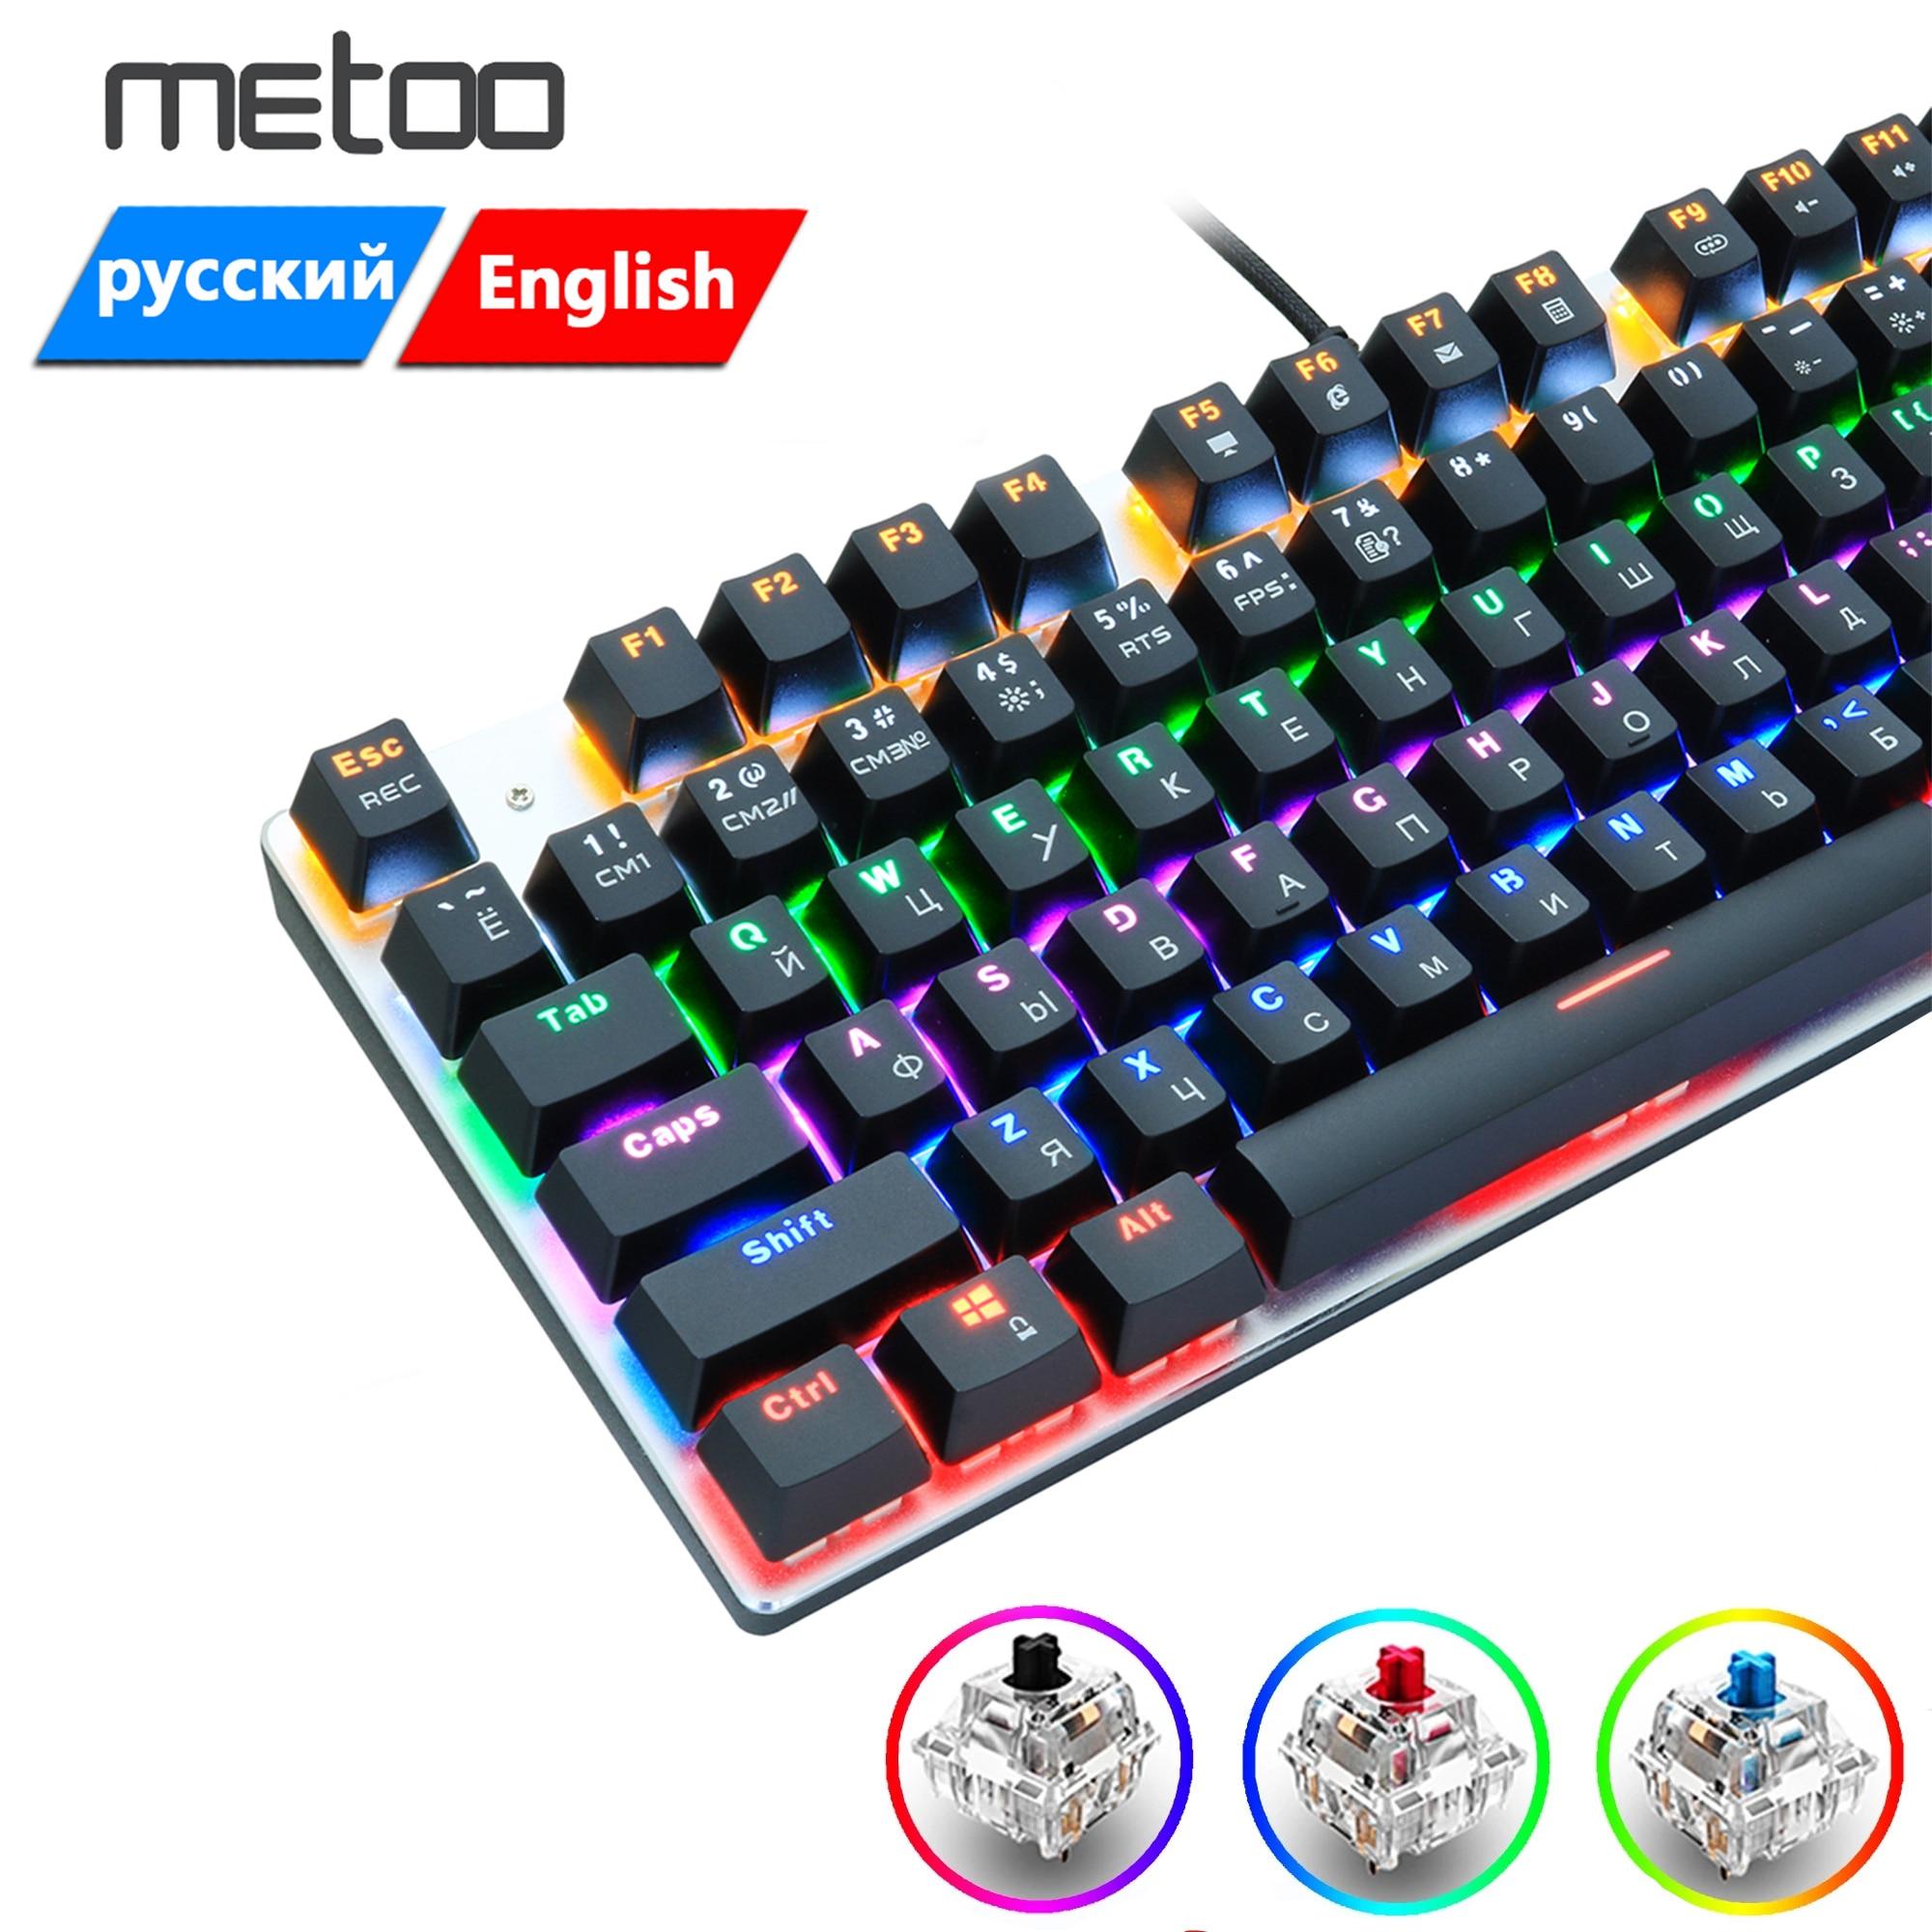 Игровая механическая клавиатура Metoo, проводная клавиатура со светодиодный Ной подсветкой, 104/87 клавиши, черный, красный, синий переключатель...